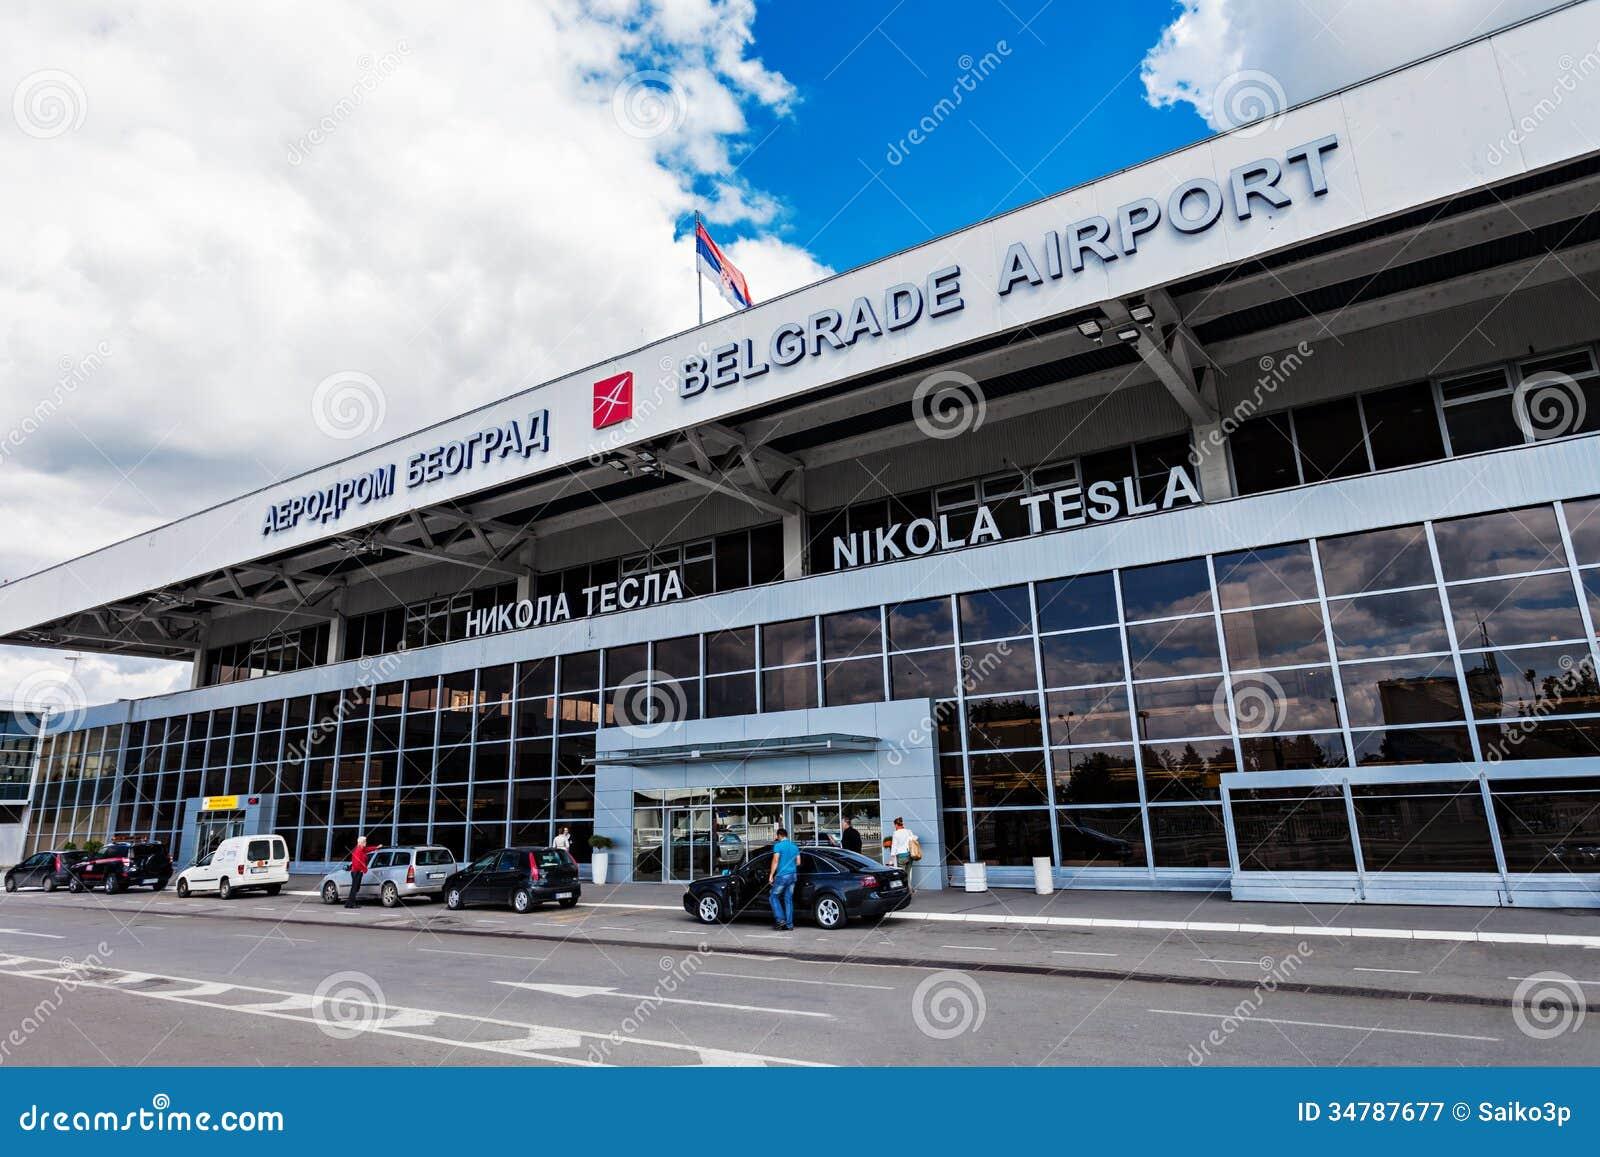 Nikola Tesla Airport Belgrade Serbia Editorial